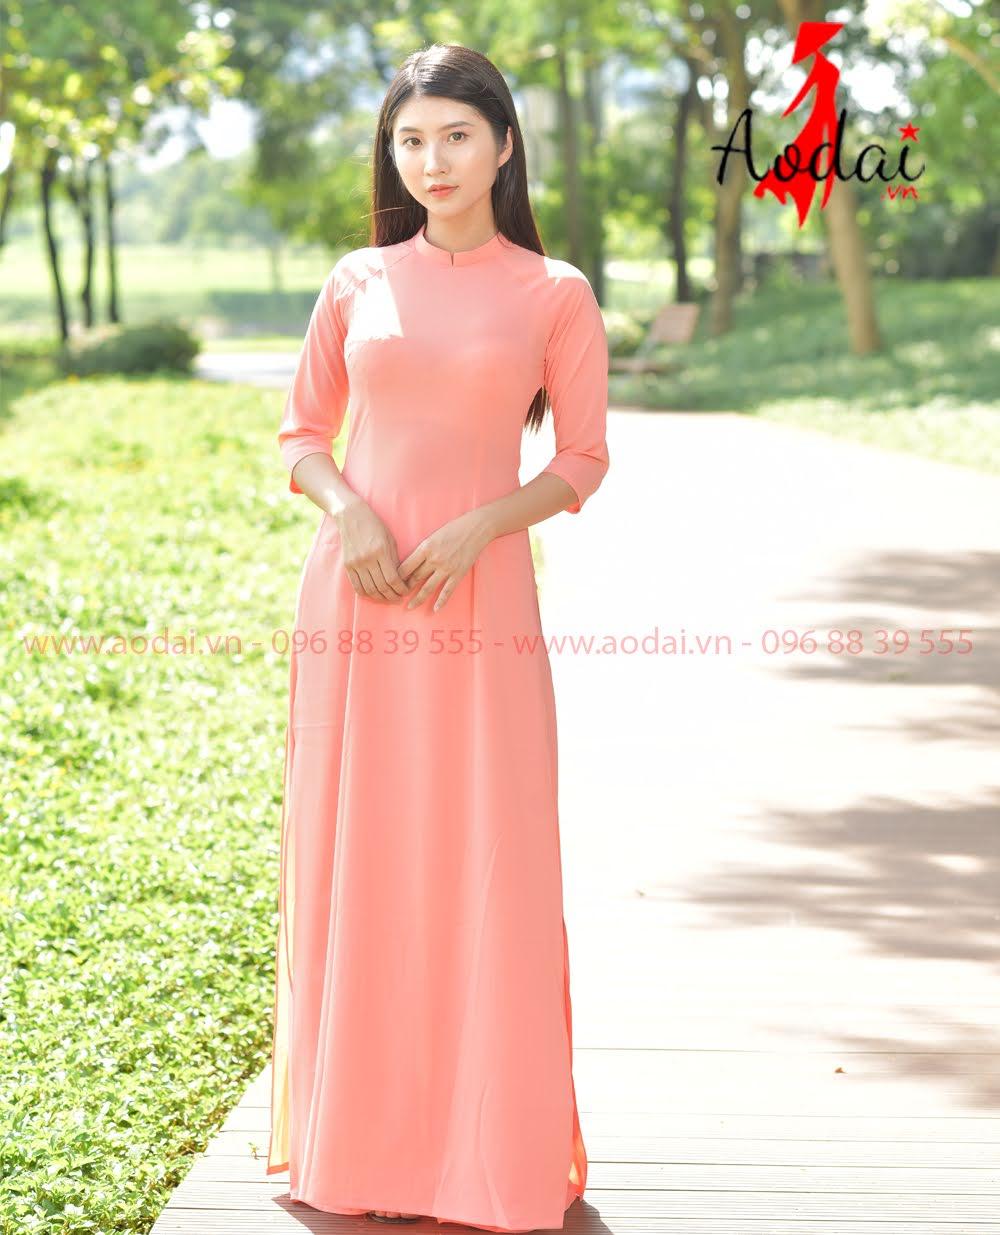 In áo dài tại Quảng Ninh